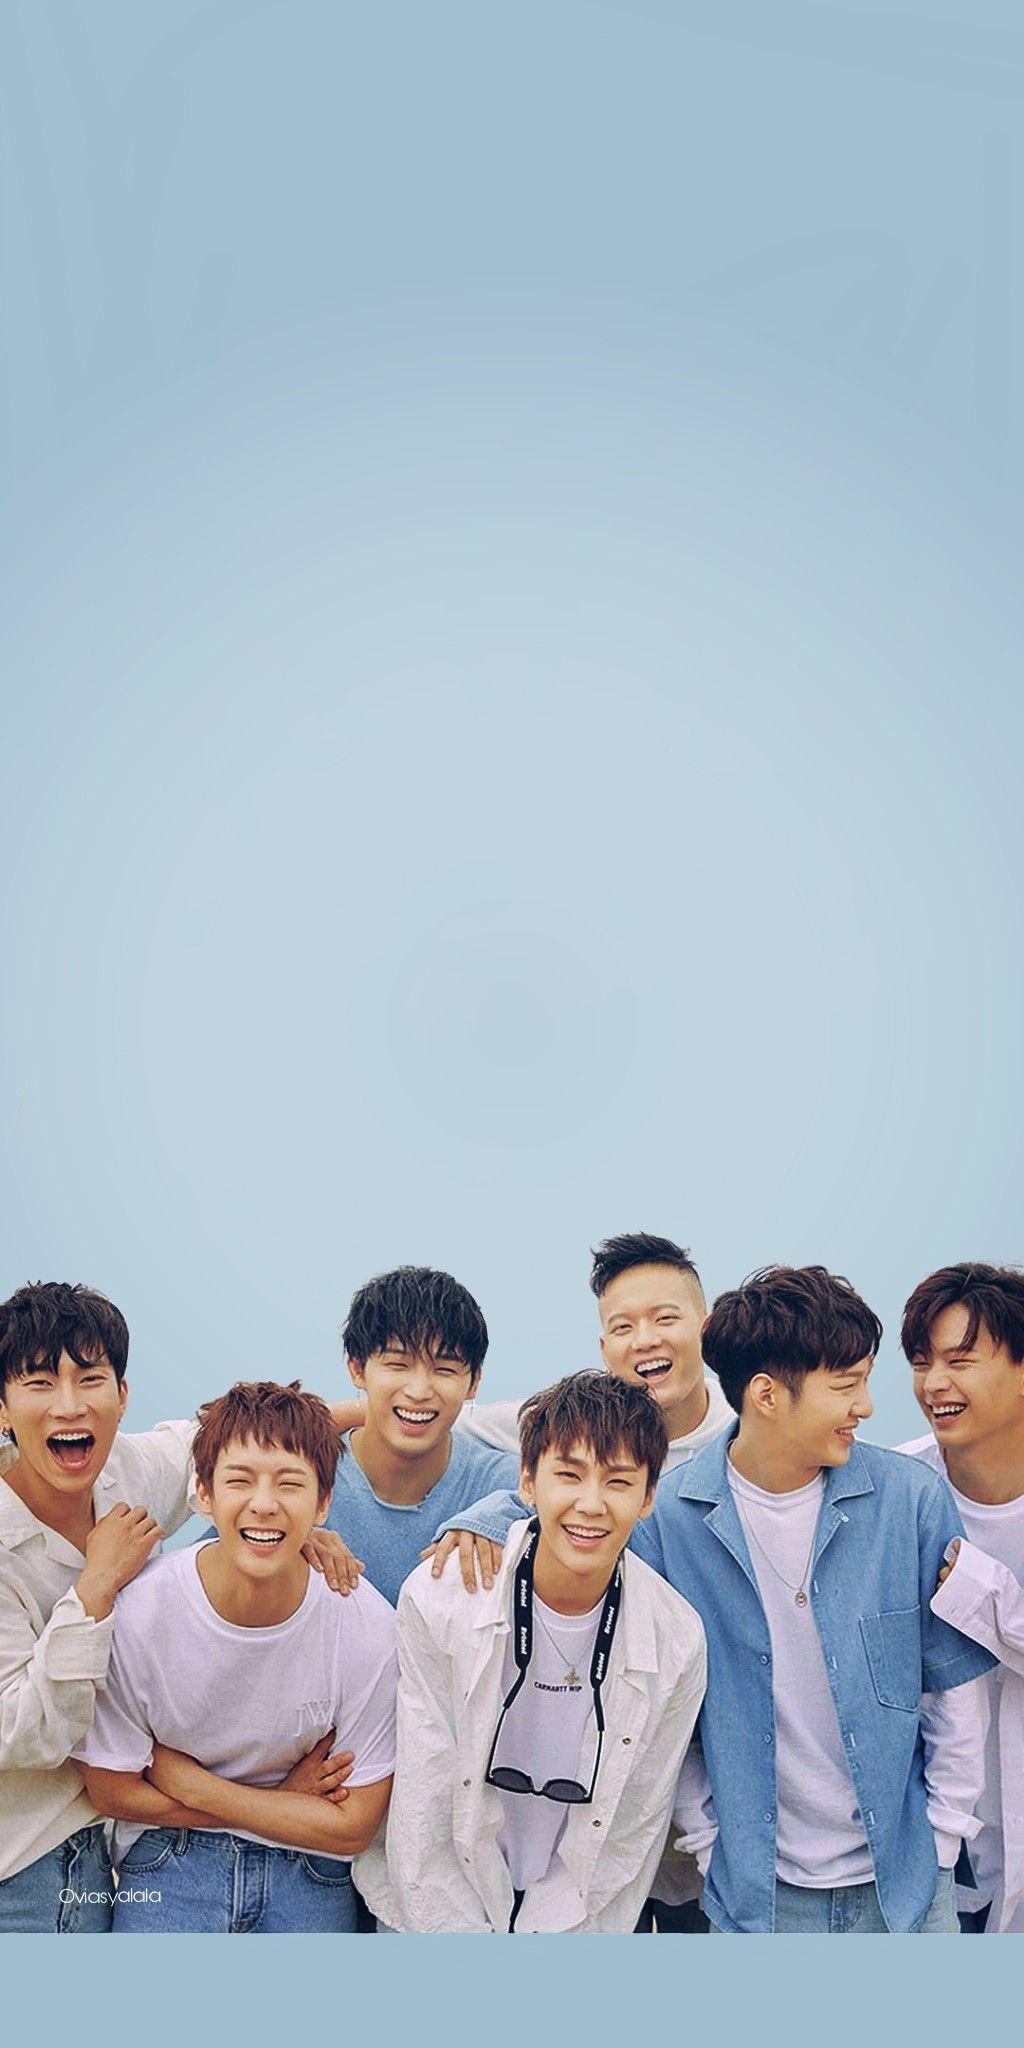 Btob This Is Us Wallpaper For Melody Btob This Is Us Kpop En